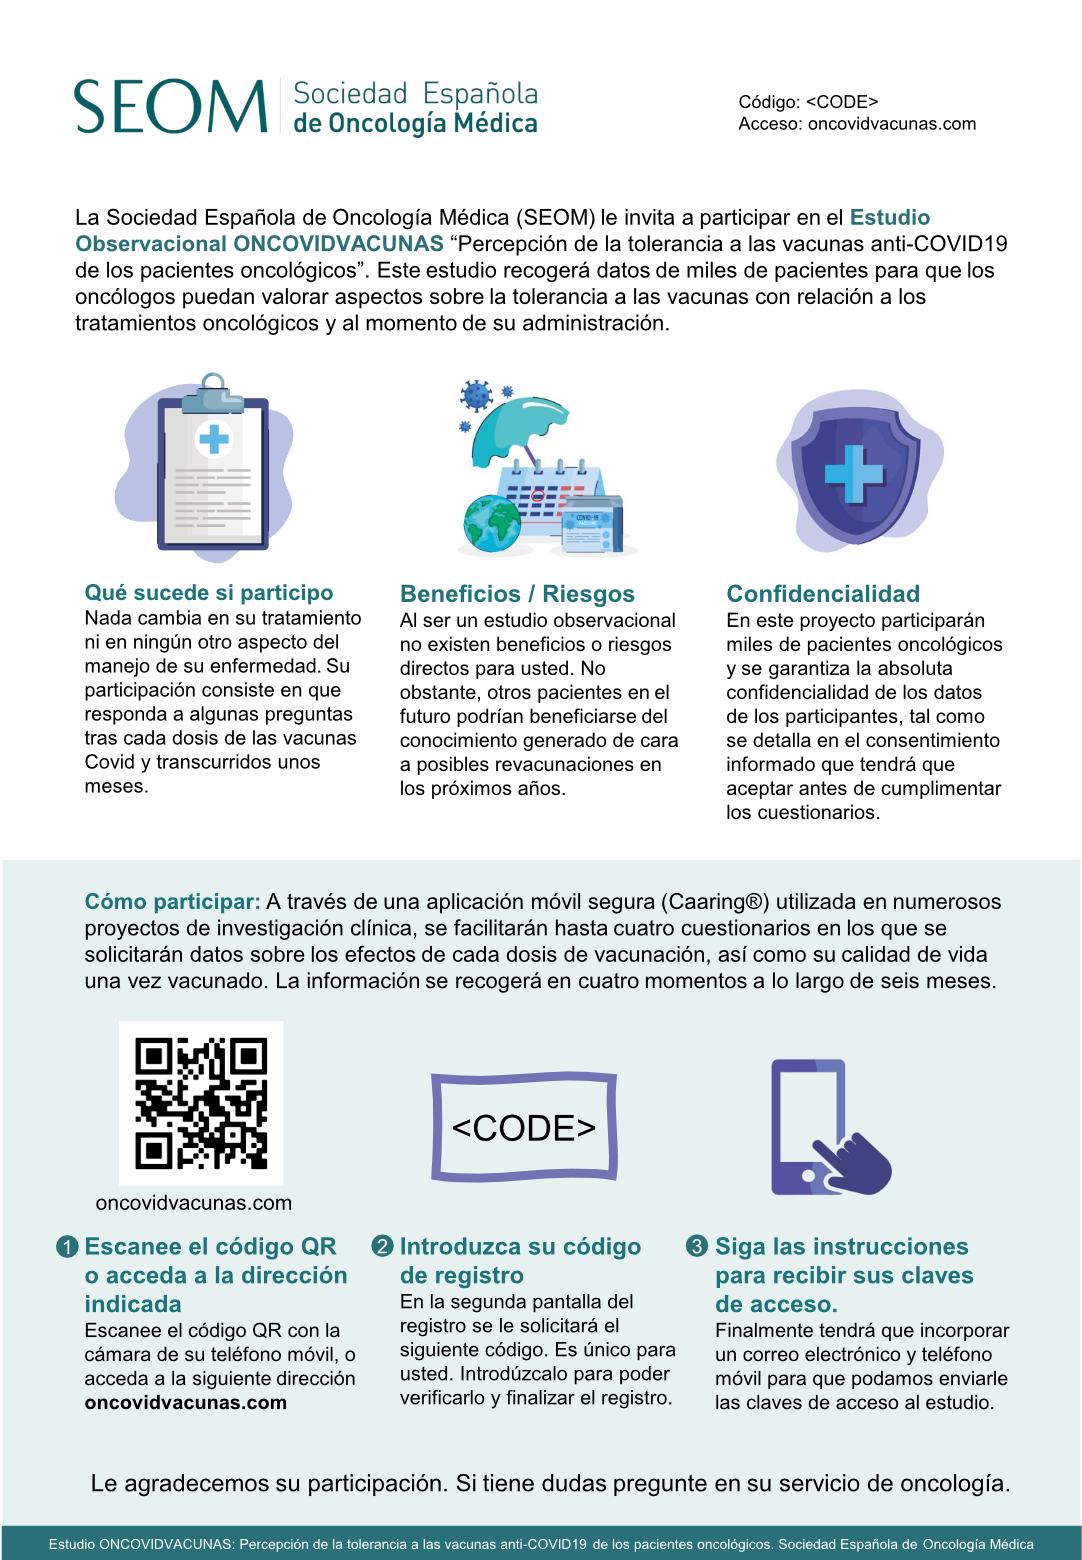 SEOM Oncovidvacunas folleto pacientes